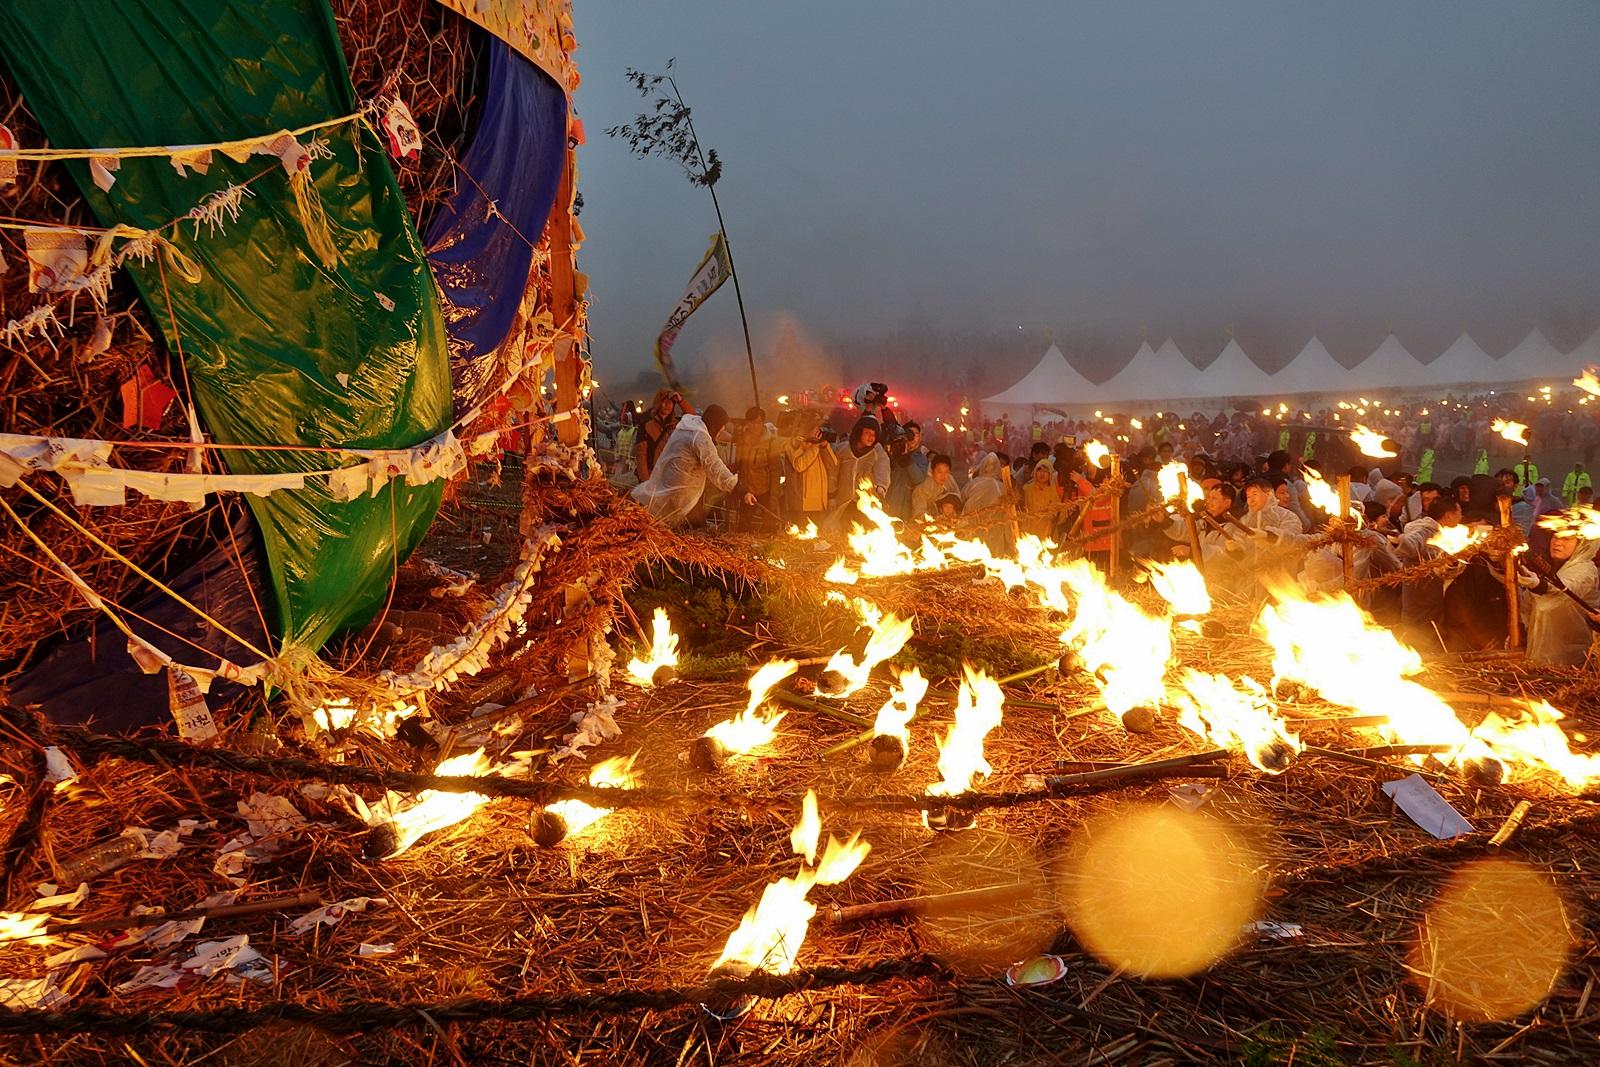 Jejw fire festival